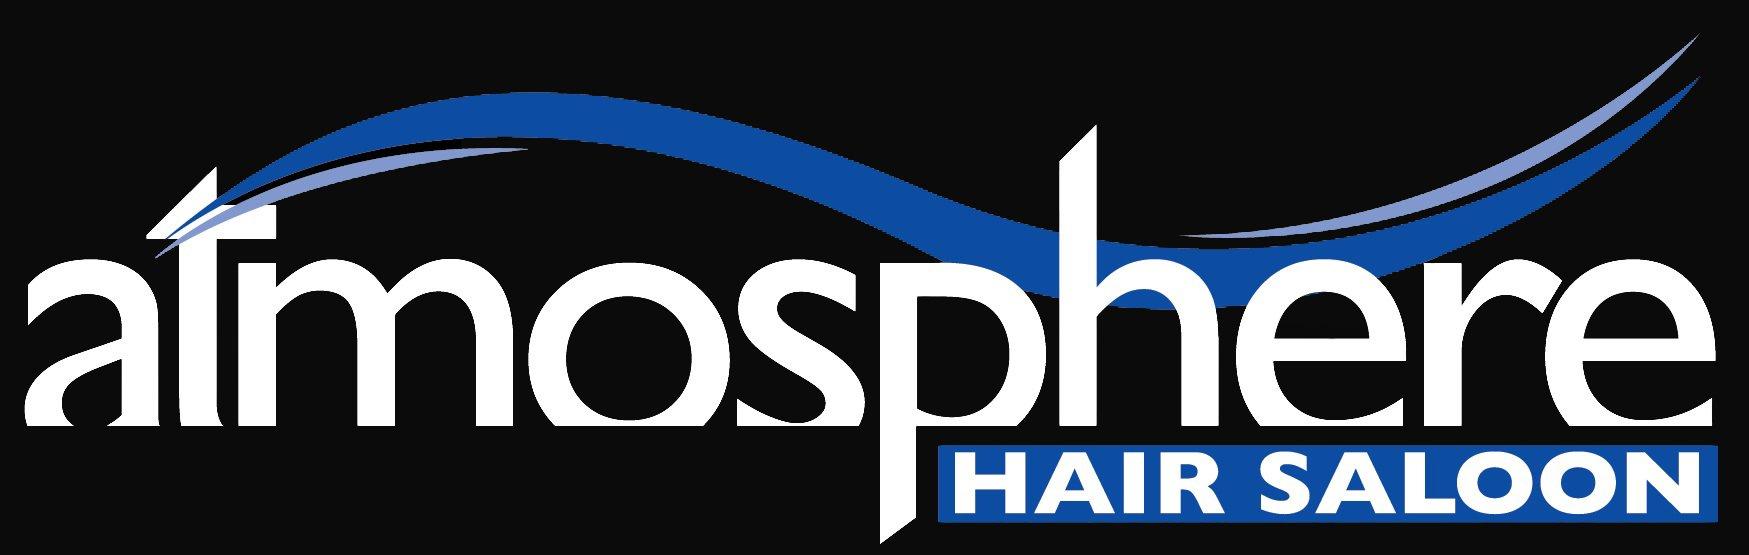 Atmosphere Hair Saloon